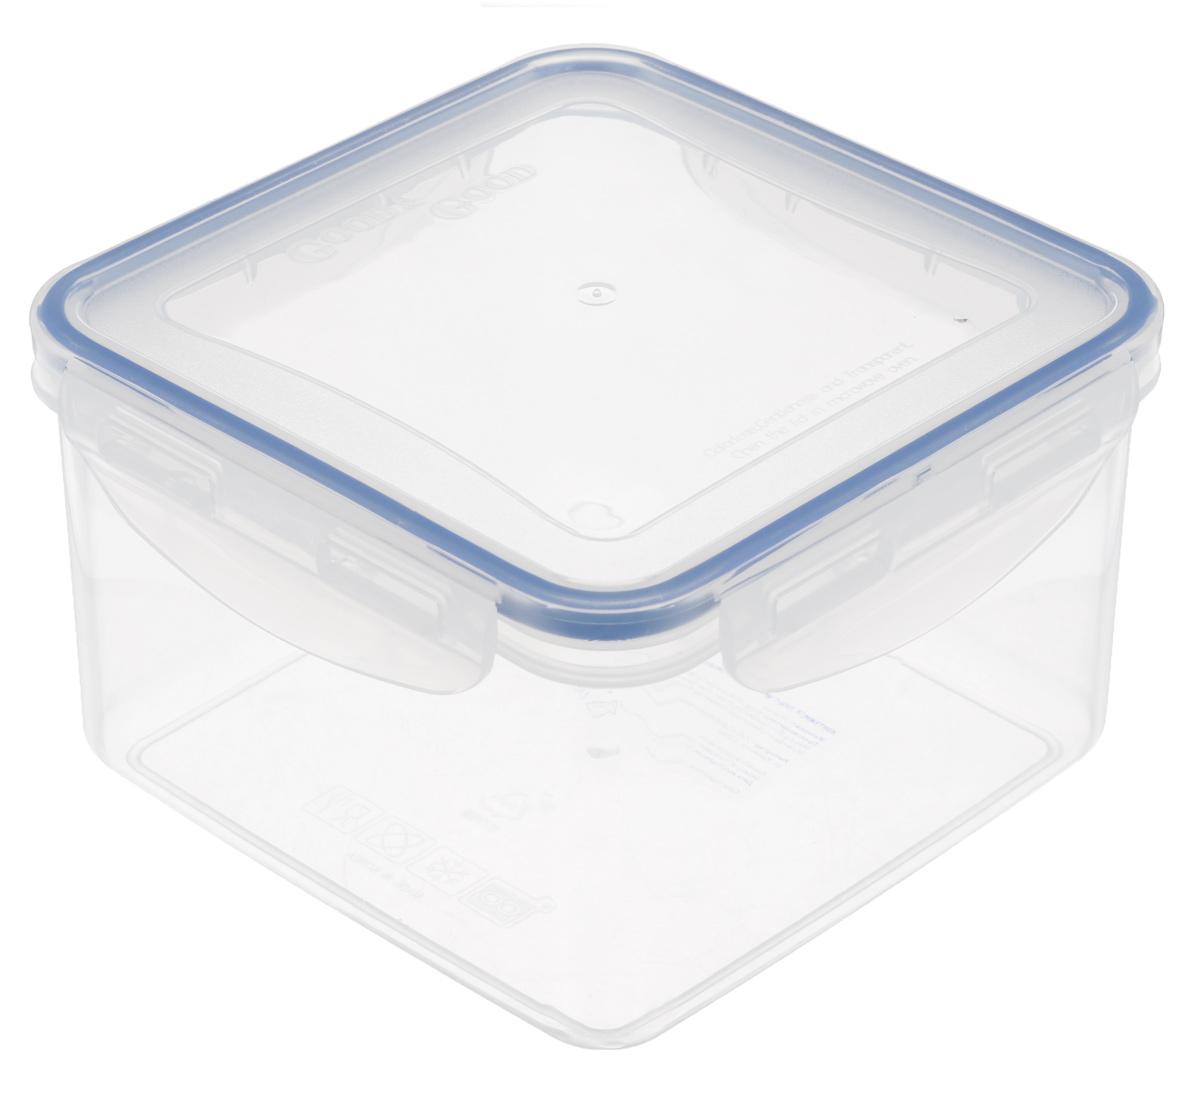 Контейнер Good&Good, цвет: прозрачный, синий, 1,25 лS2-2Квадратный контейнер Good&Good изготовлен из высококачественного полипропилена и предназначен для хранения любых пищевых продуктов. Благодаря особым технологиям изготовления, лотки в течении времени службы не меняют цвет и не пропитываются запахами. Крышка с силиконовой вставкой герметично защелкивается специальным механизмом. Контейнер Good&Good удобен для ежедневного использования в быту. Можно мыть в посудомоечной машине. Размер контейнера (с учетом крышки): 15 см х 15 см х 9,5 см.